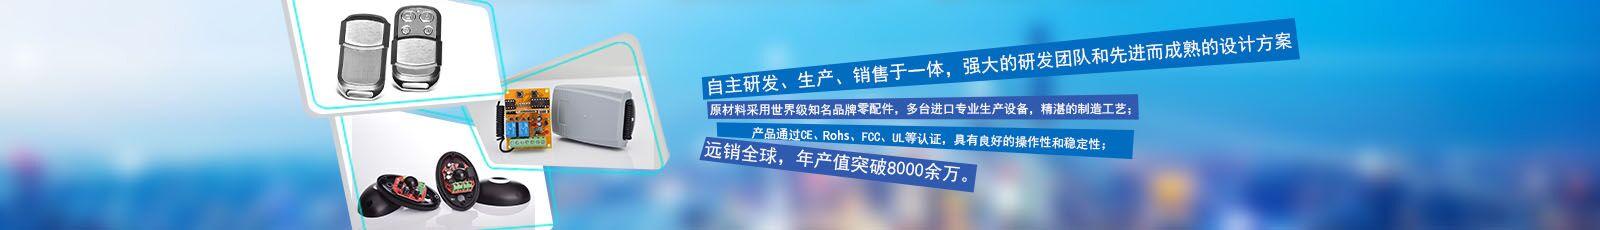 十yu年专zhu研发无xianyaokong器,无xiankongzhi器等an防报警与智能kongzhichan品领域